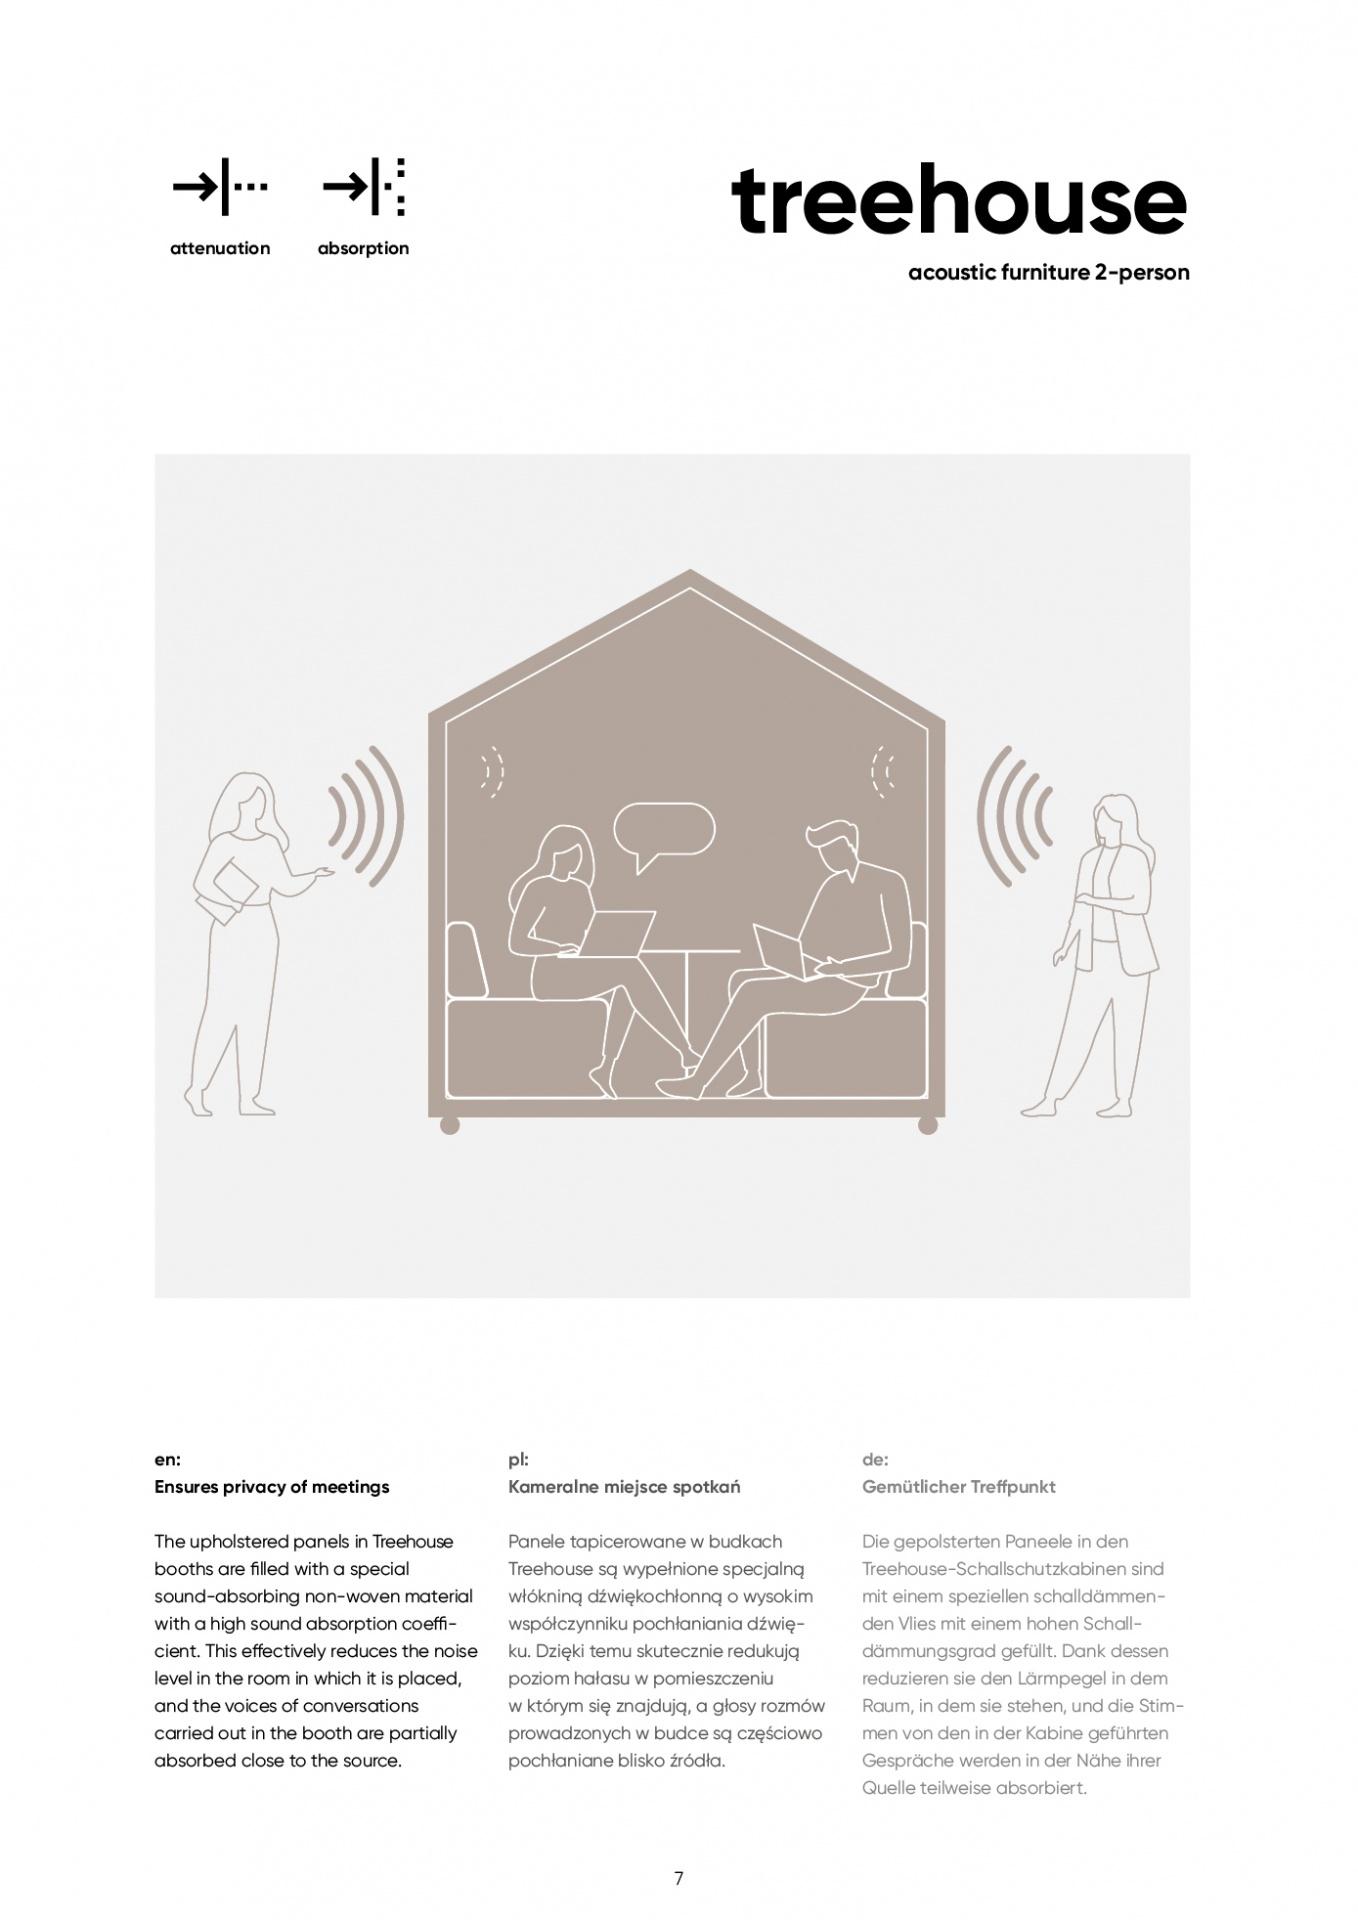 treehouse-catalogue-7.jpg